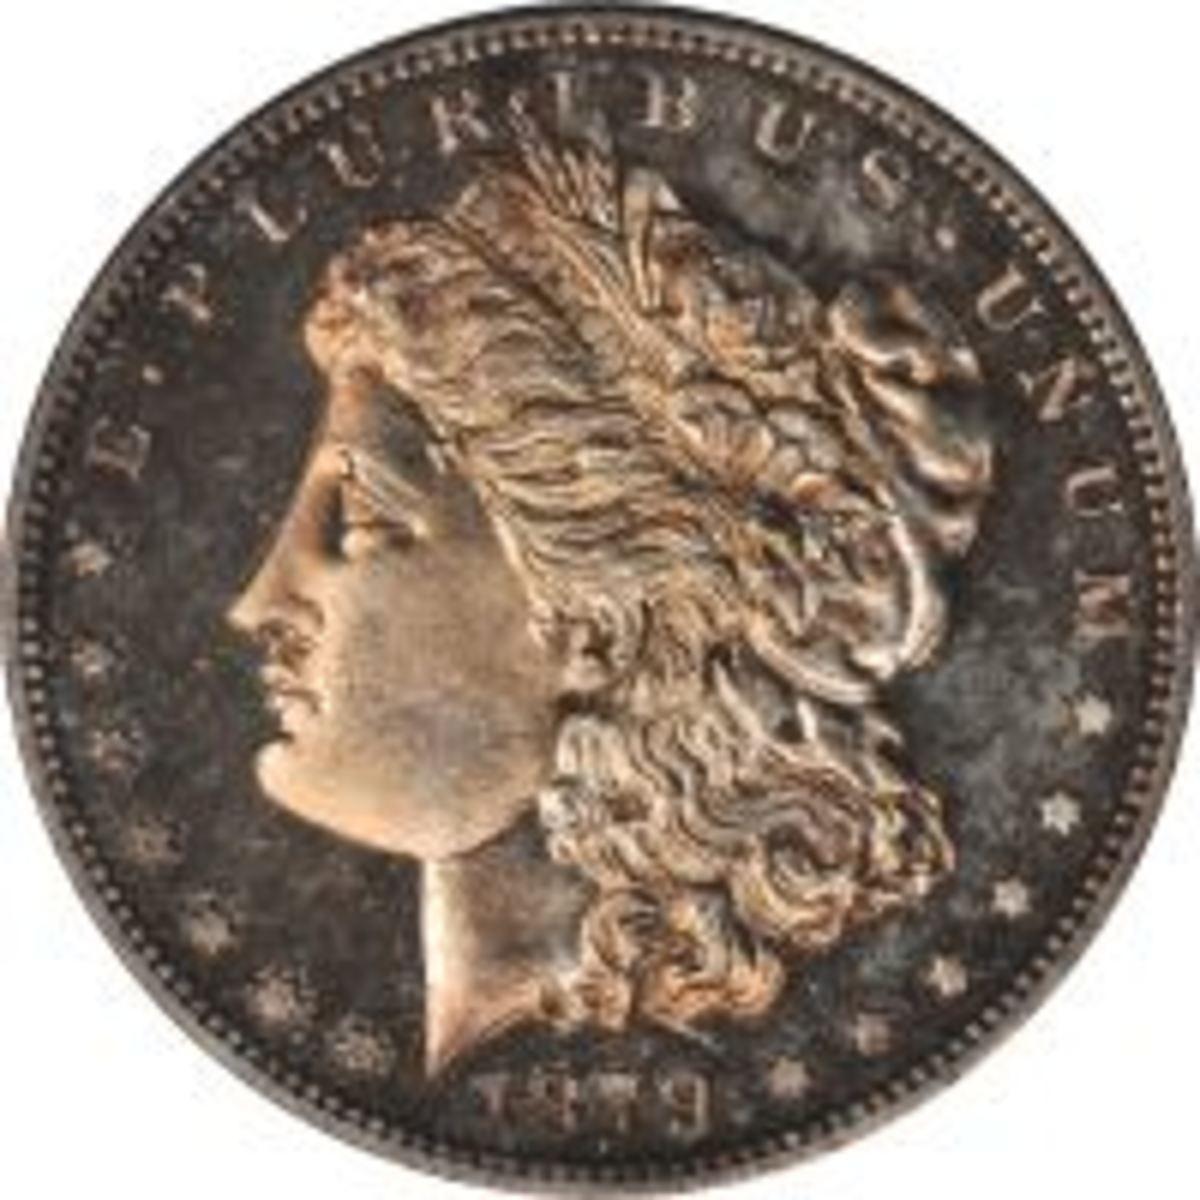 auction0302a.jpg